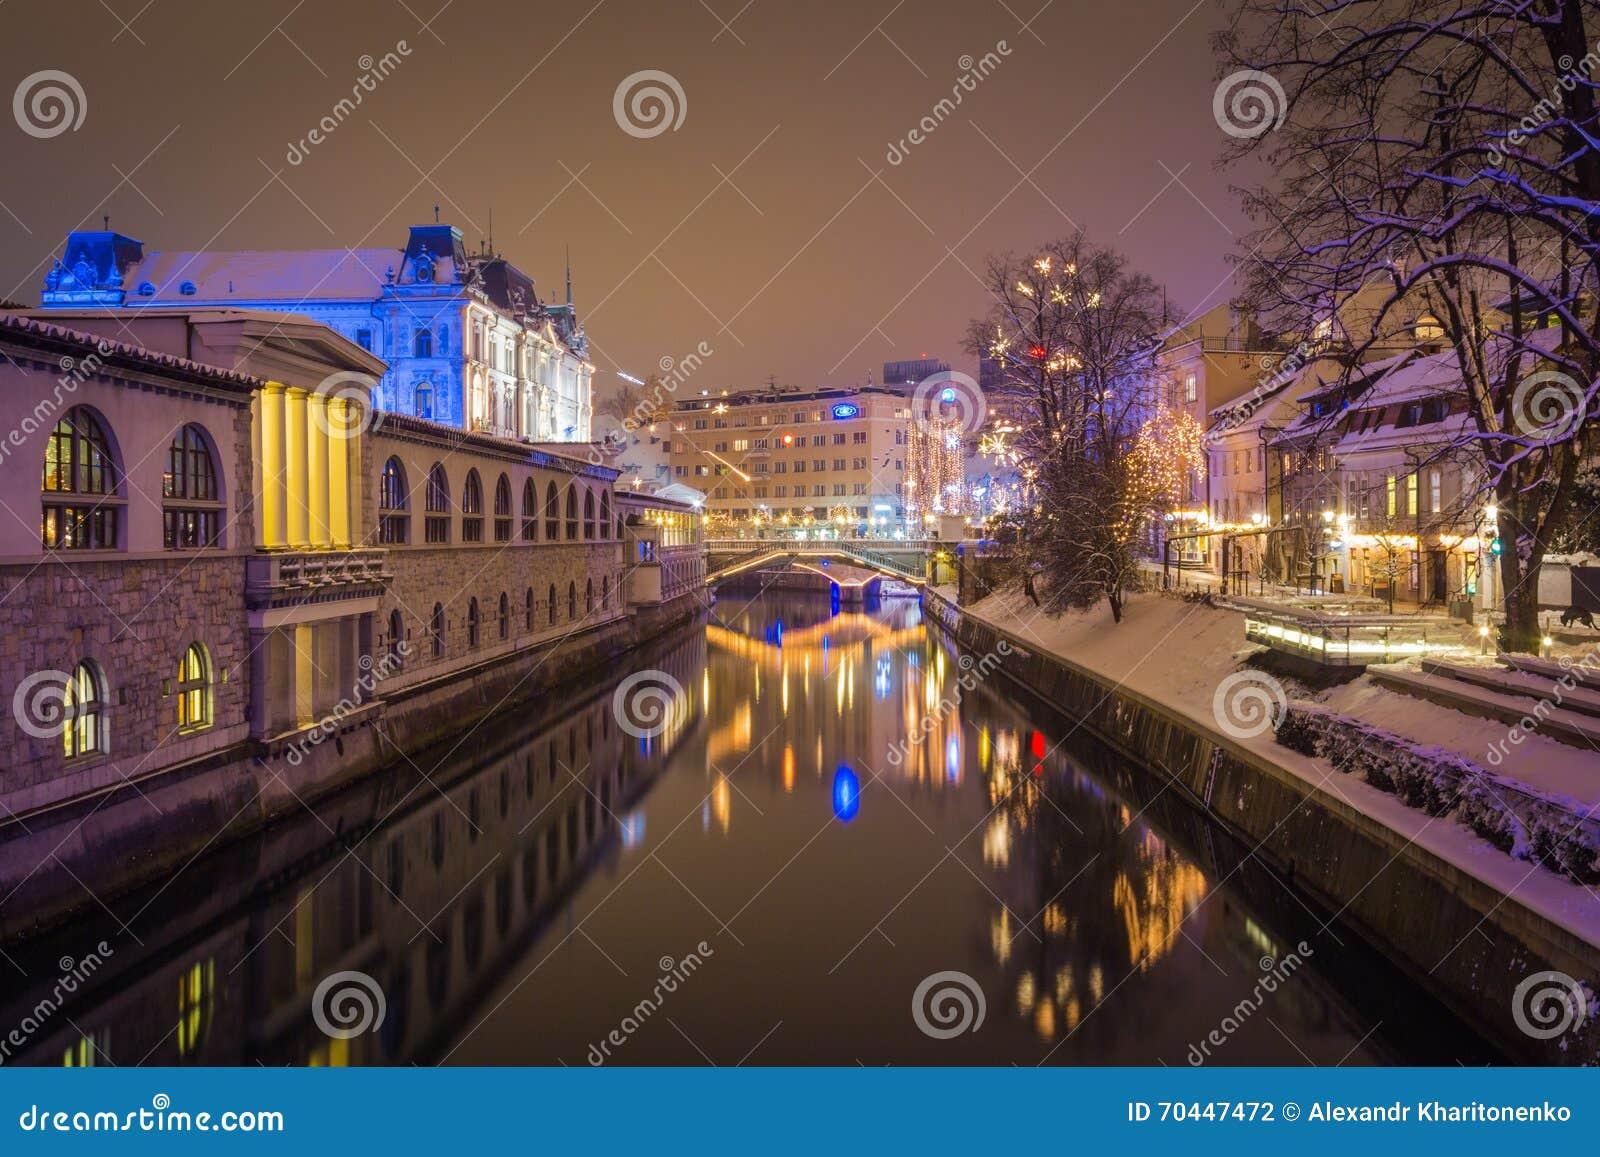 City river at night.